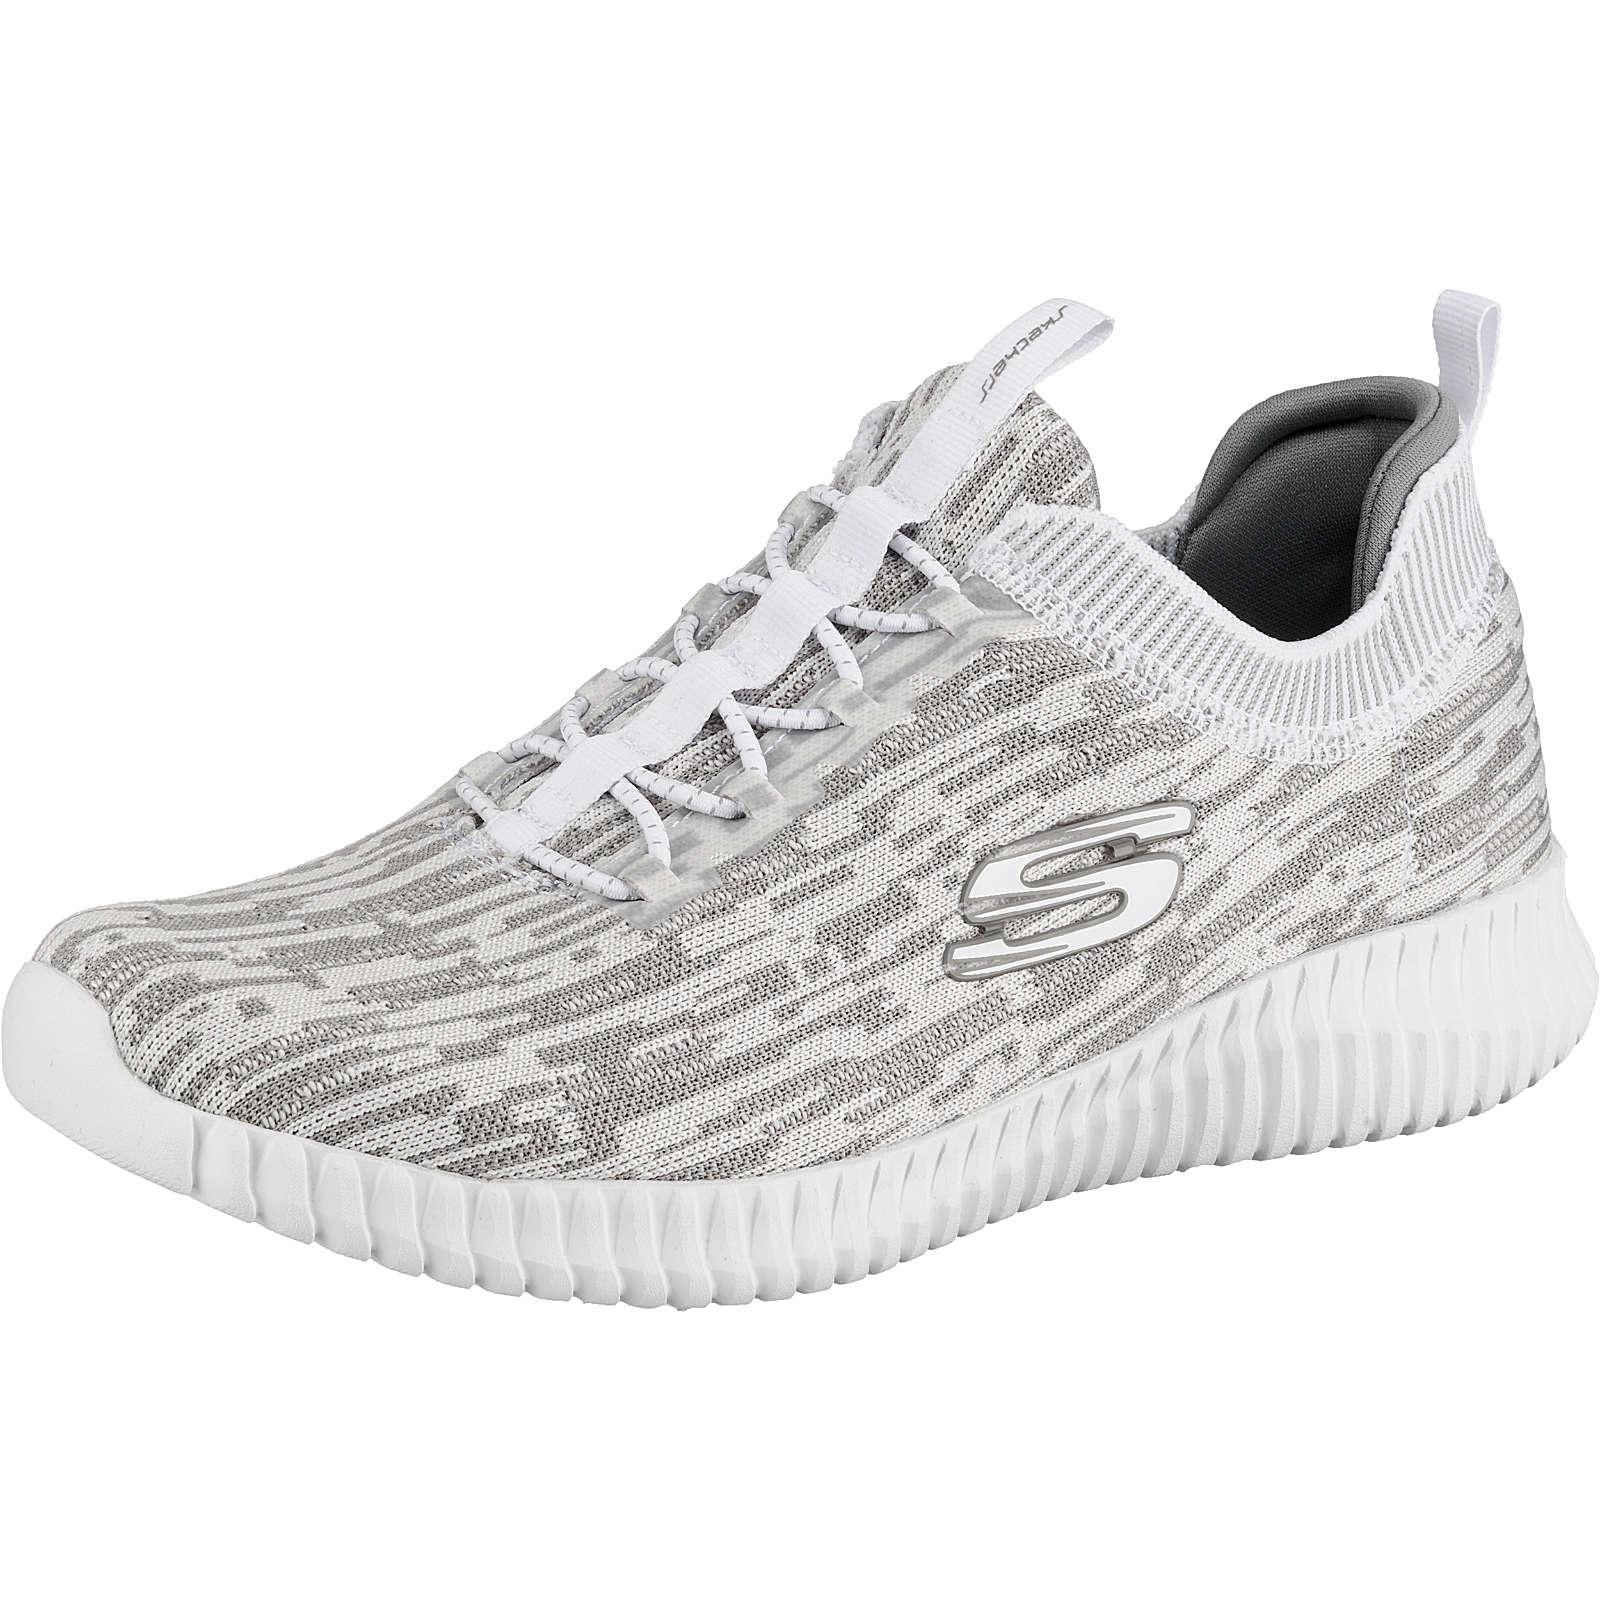 SKECHERS ELITE FLEX HARTNELL Sneakers Low weiß/grau Herren Gr. 48,5